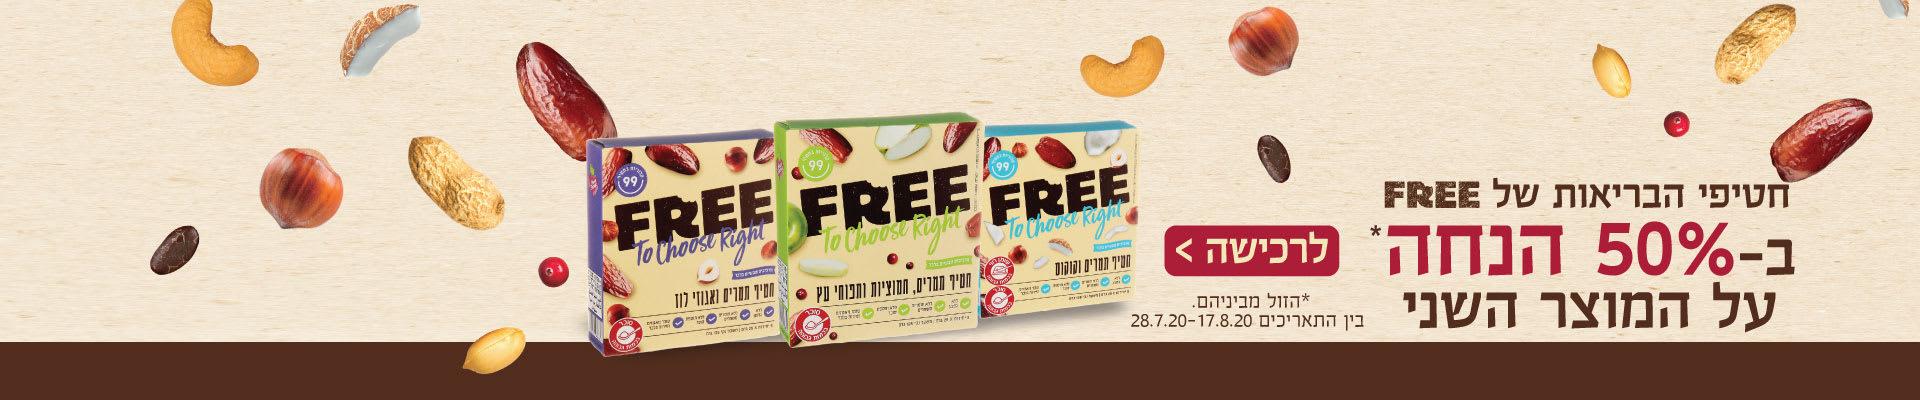 חטיפי הבריאות של FREE ב- 50% הנחה על המוצר השני. הזול מביניהם. בין התאריכים